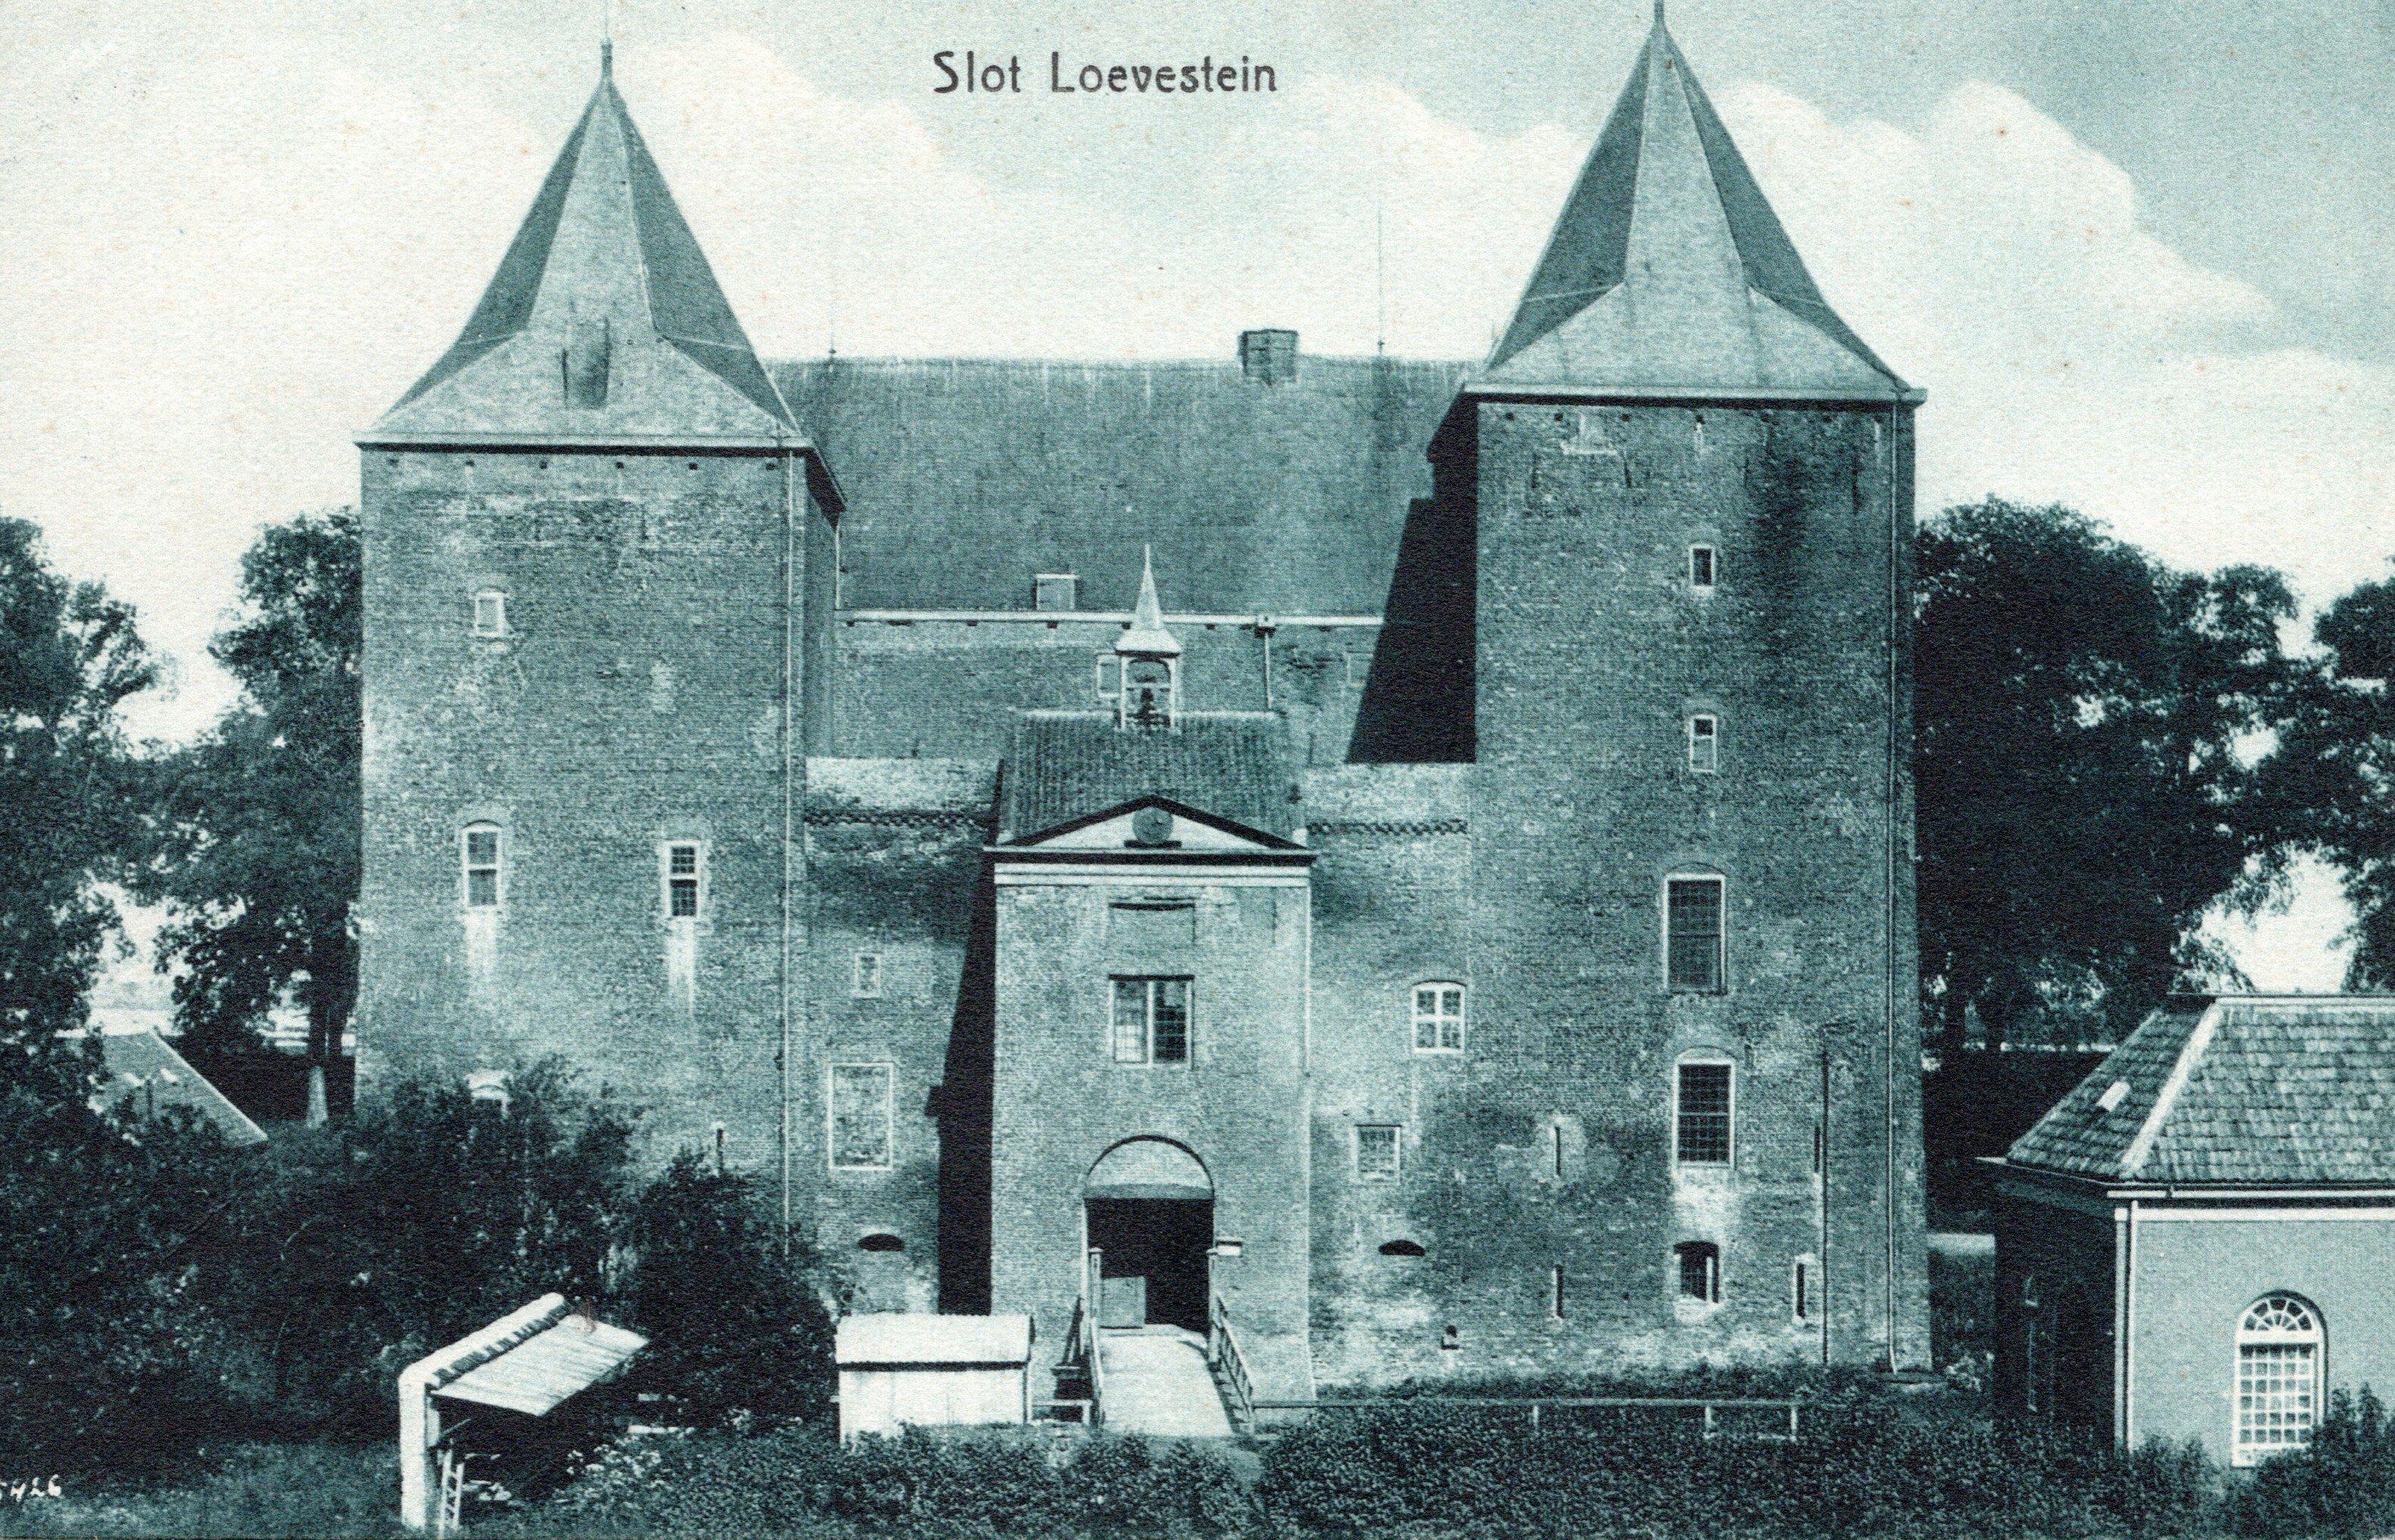 B1-Slot-Loevestein-1936